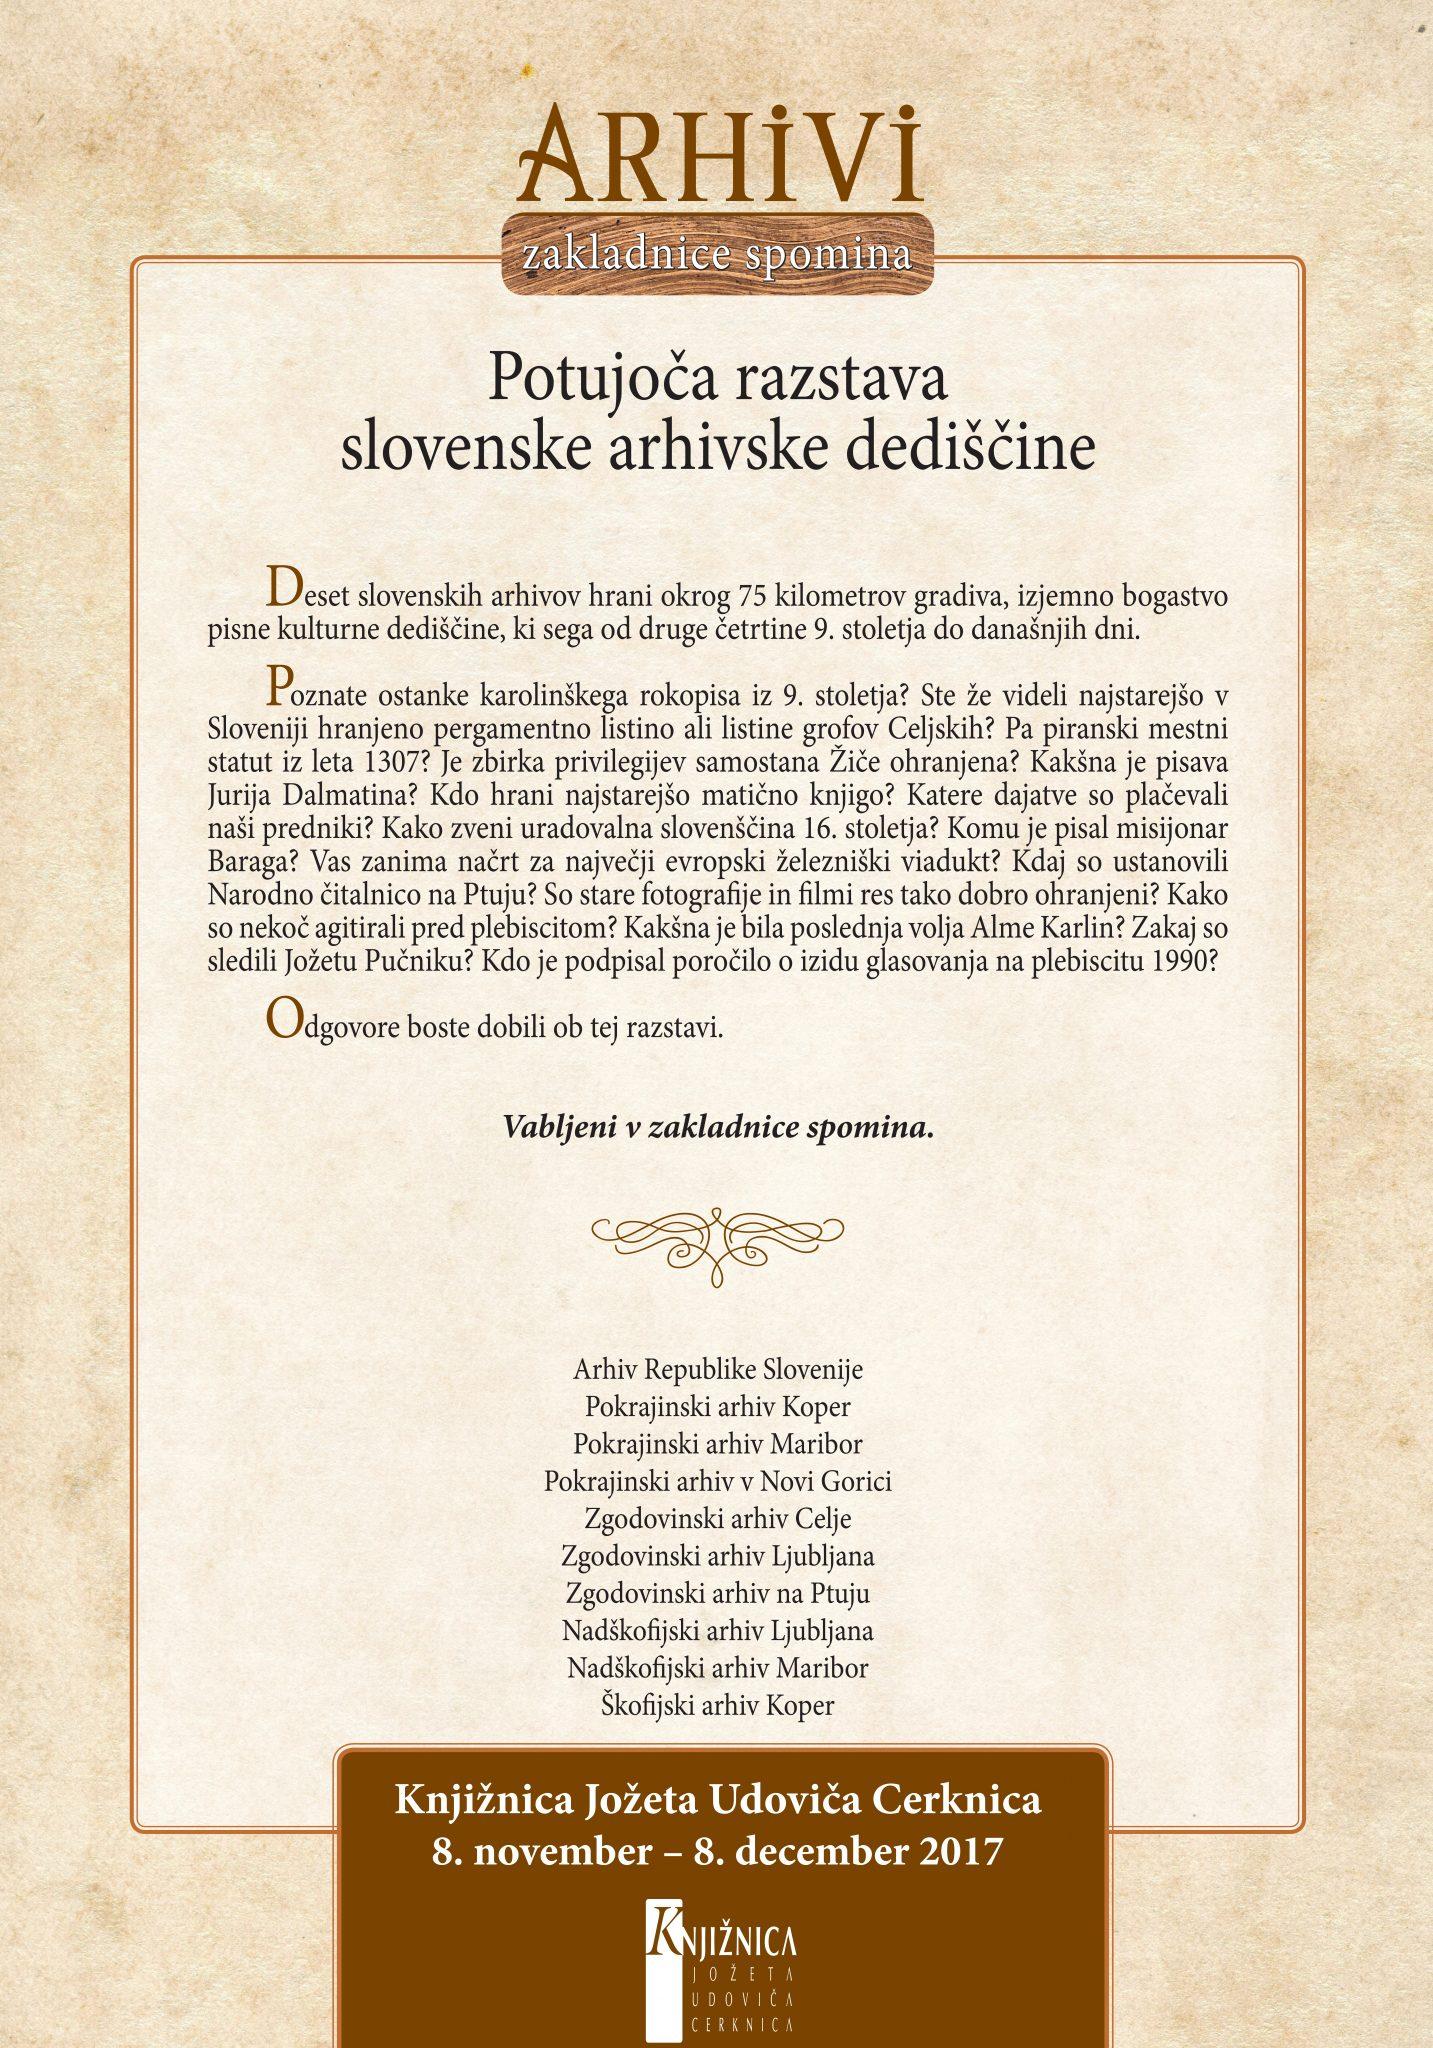 plakat cerknica - Arhivi - zakladnice spomina - potujoča razstava slovenske arhivske dediščine